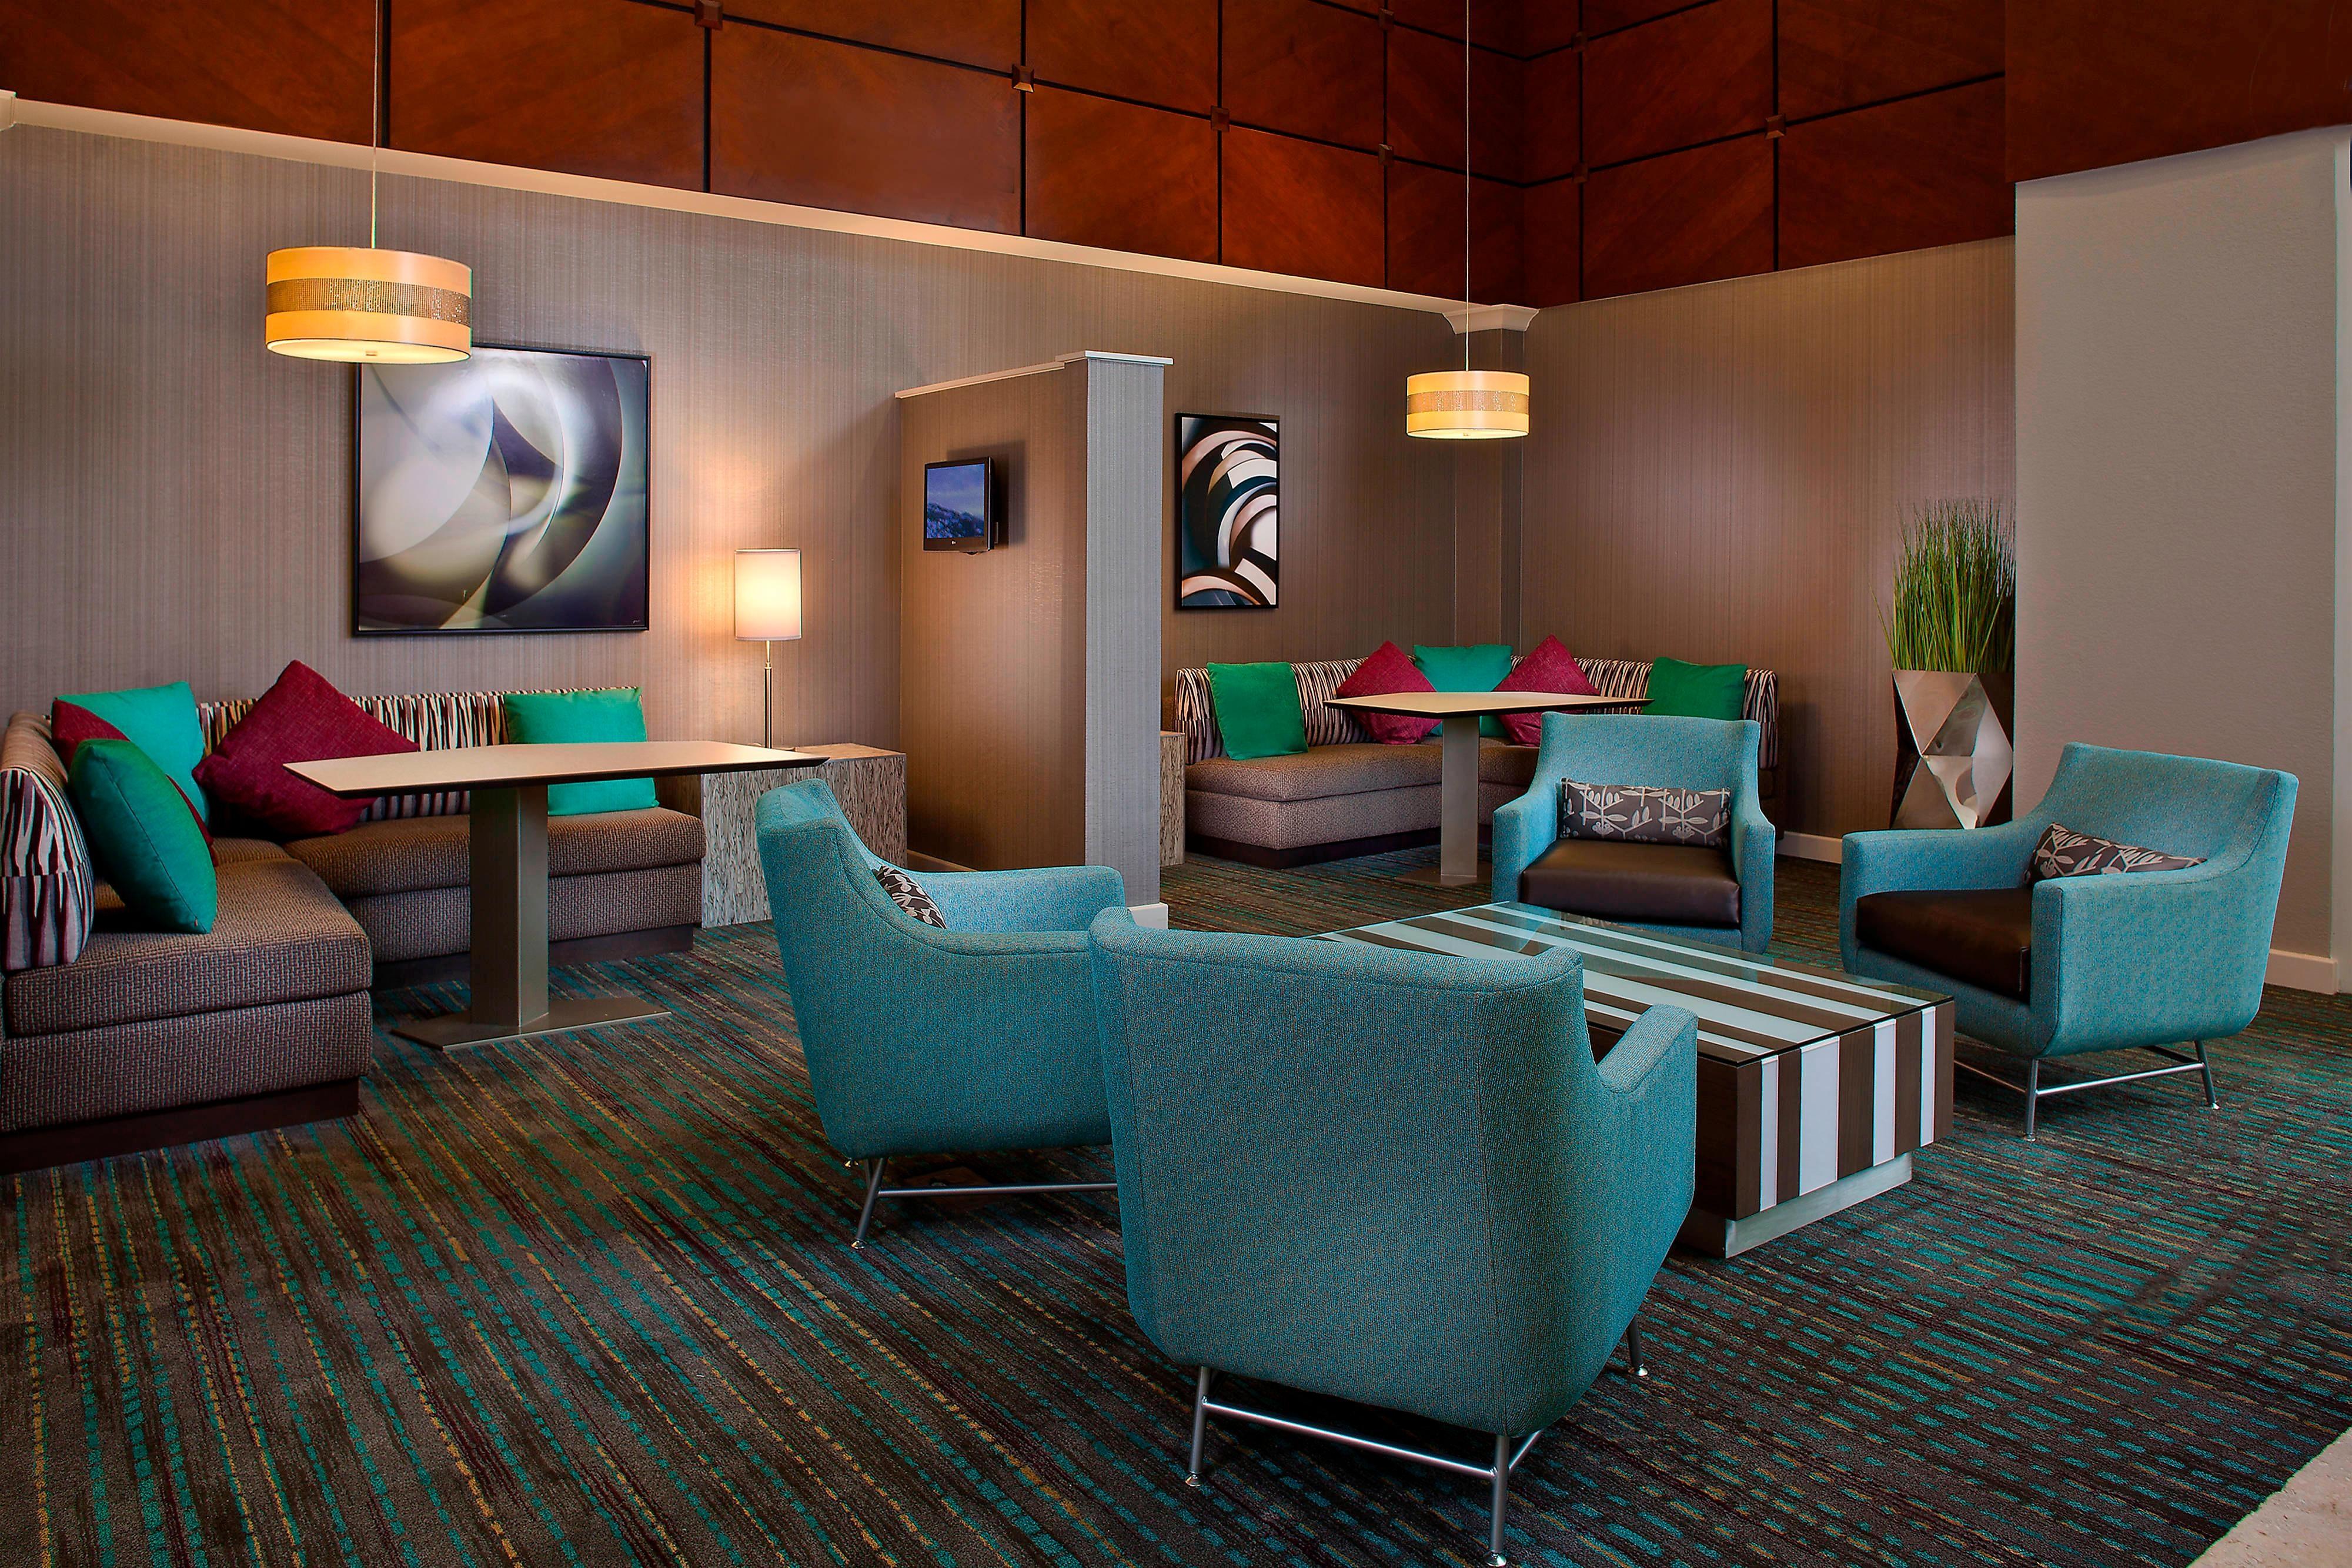 Daytona Hotel Lobby